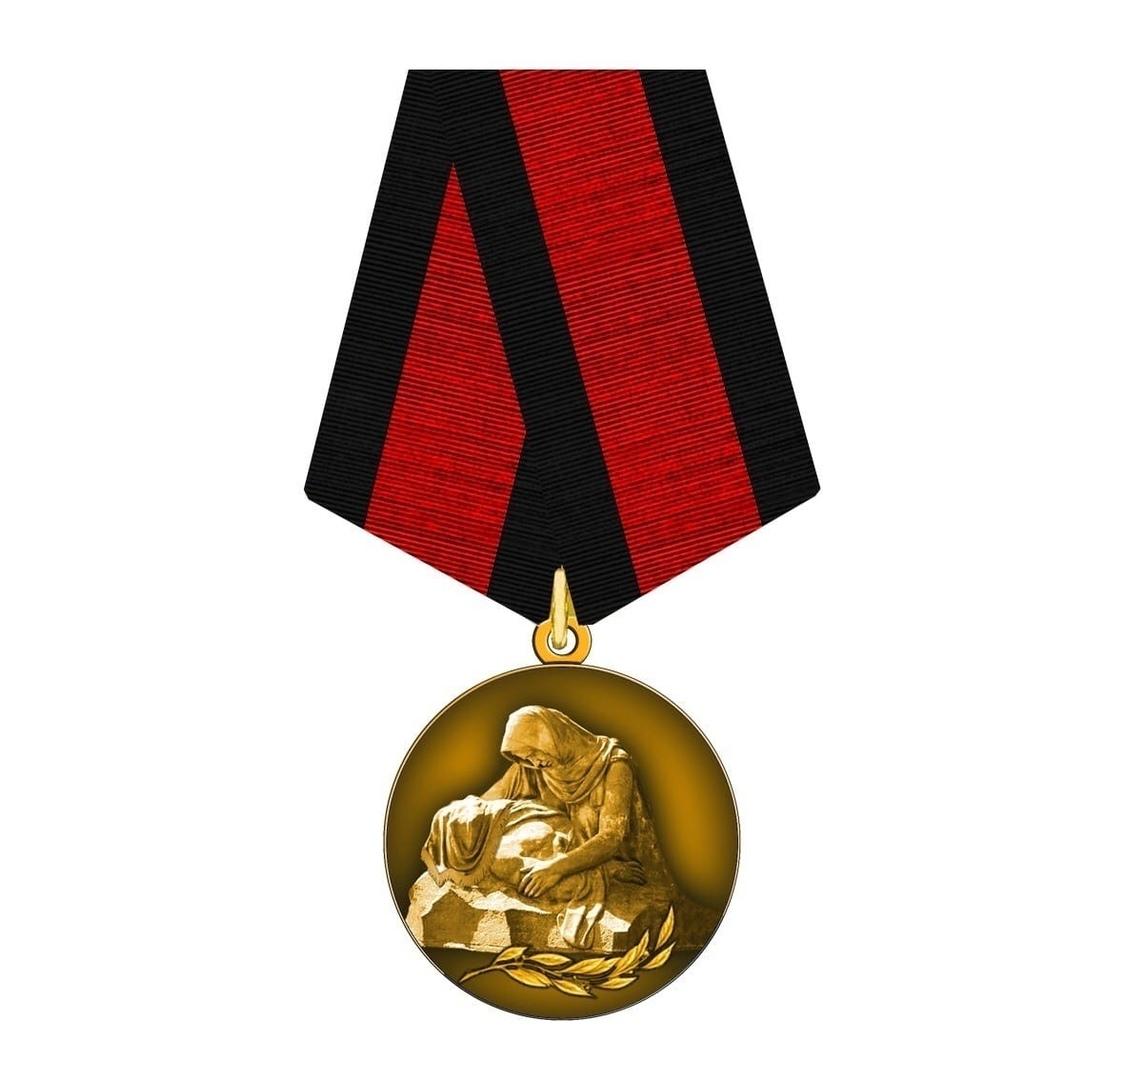 30.04.2020 Красноармеец Чернов Лев Михайлович удостоен медали «Шагнувши в бессмертие» посмертно